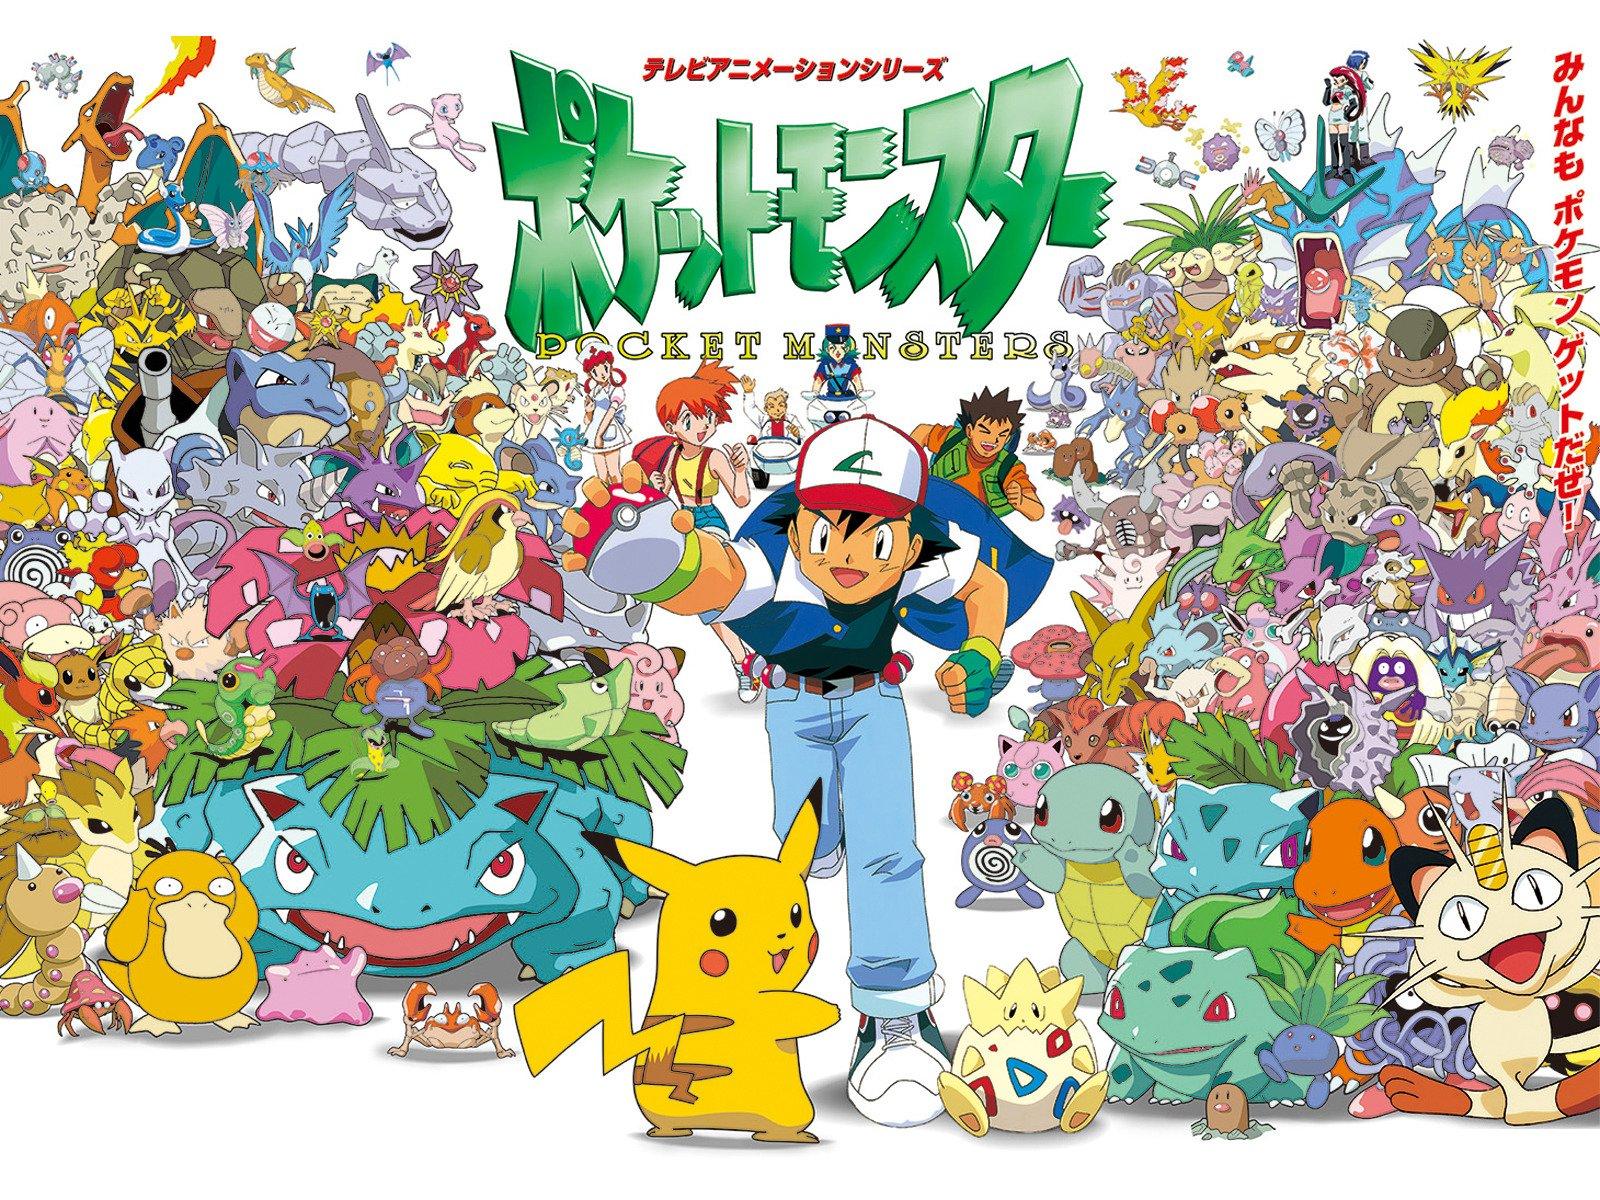 pokémon original series pokémon wiki fandom powered by wikia